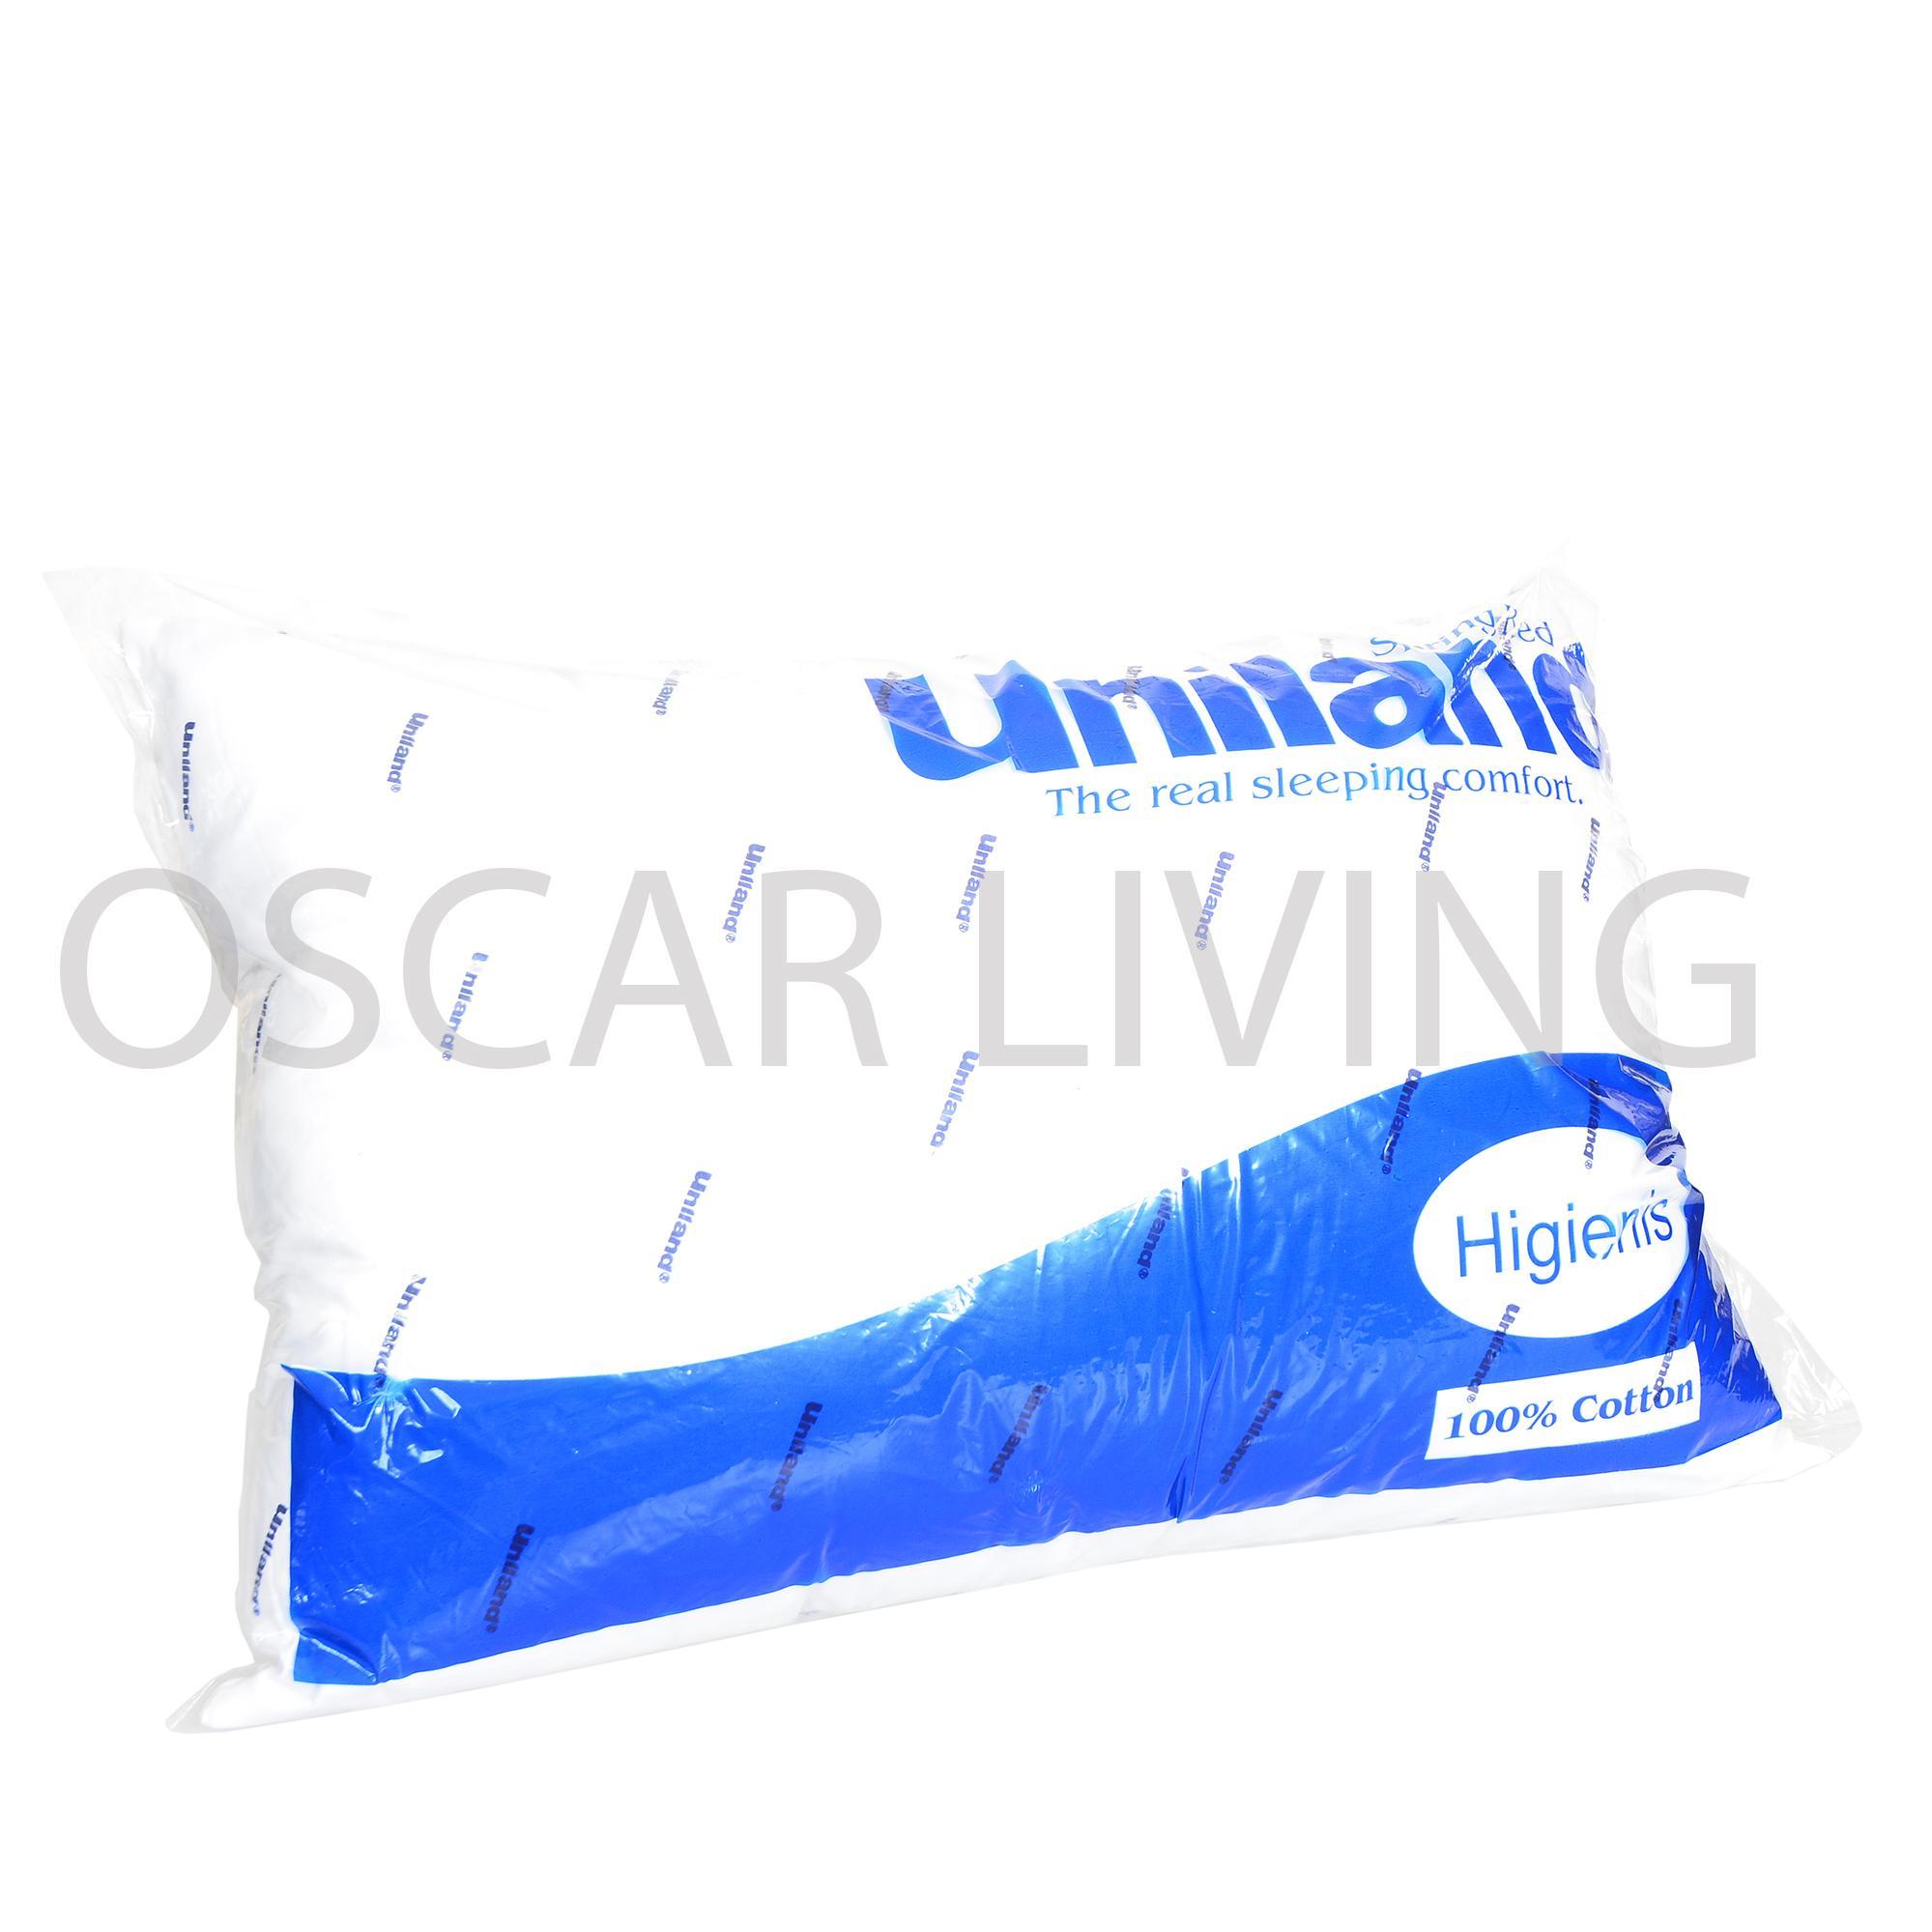 Jual Produk Uniland Online Terbaru Di Kasur Paradise Box Magnolia 120x200 Tanpa Divan Sandaran Jadebotabek Only Bantal